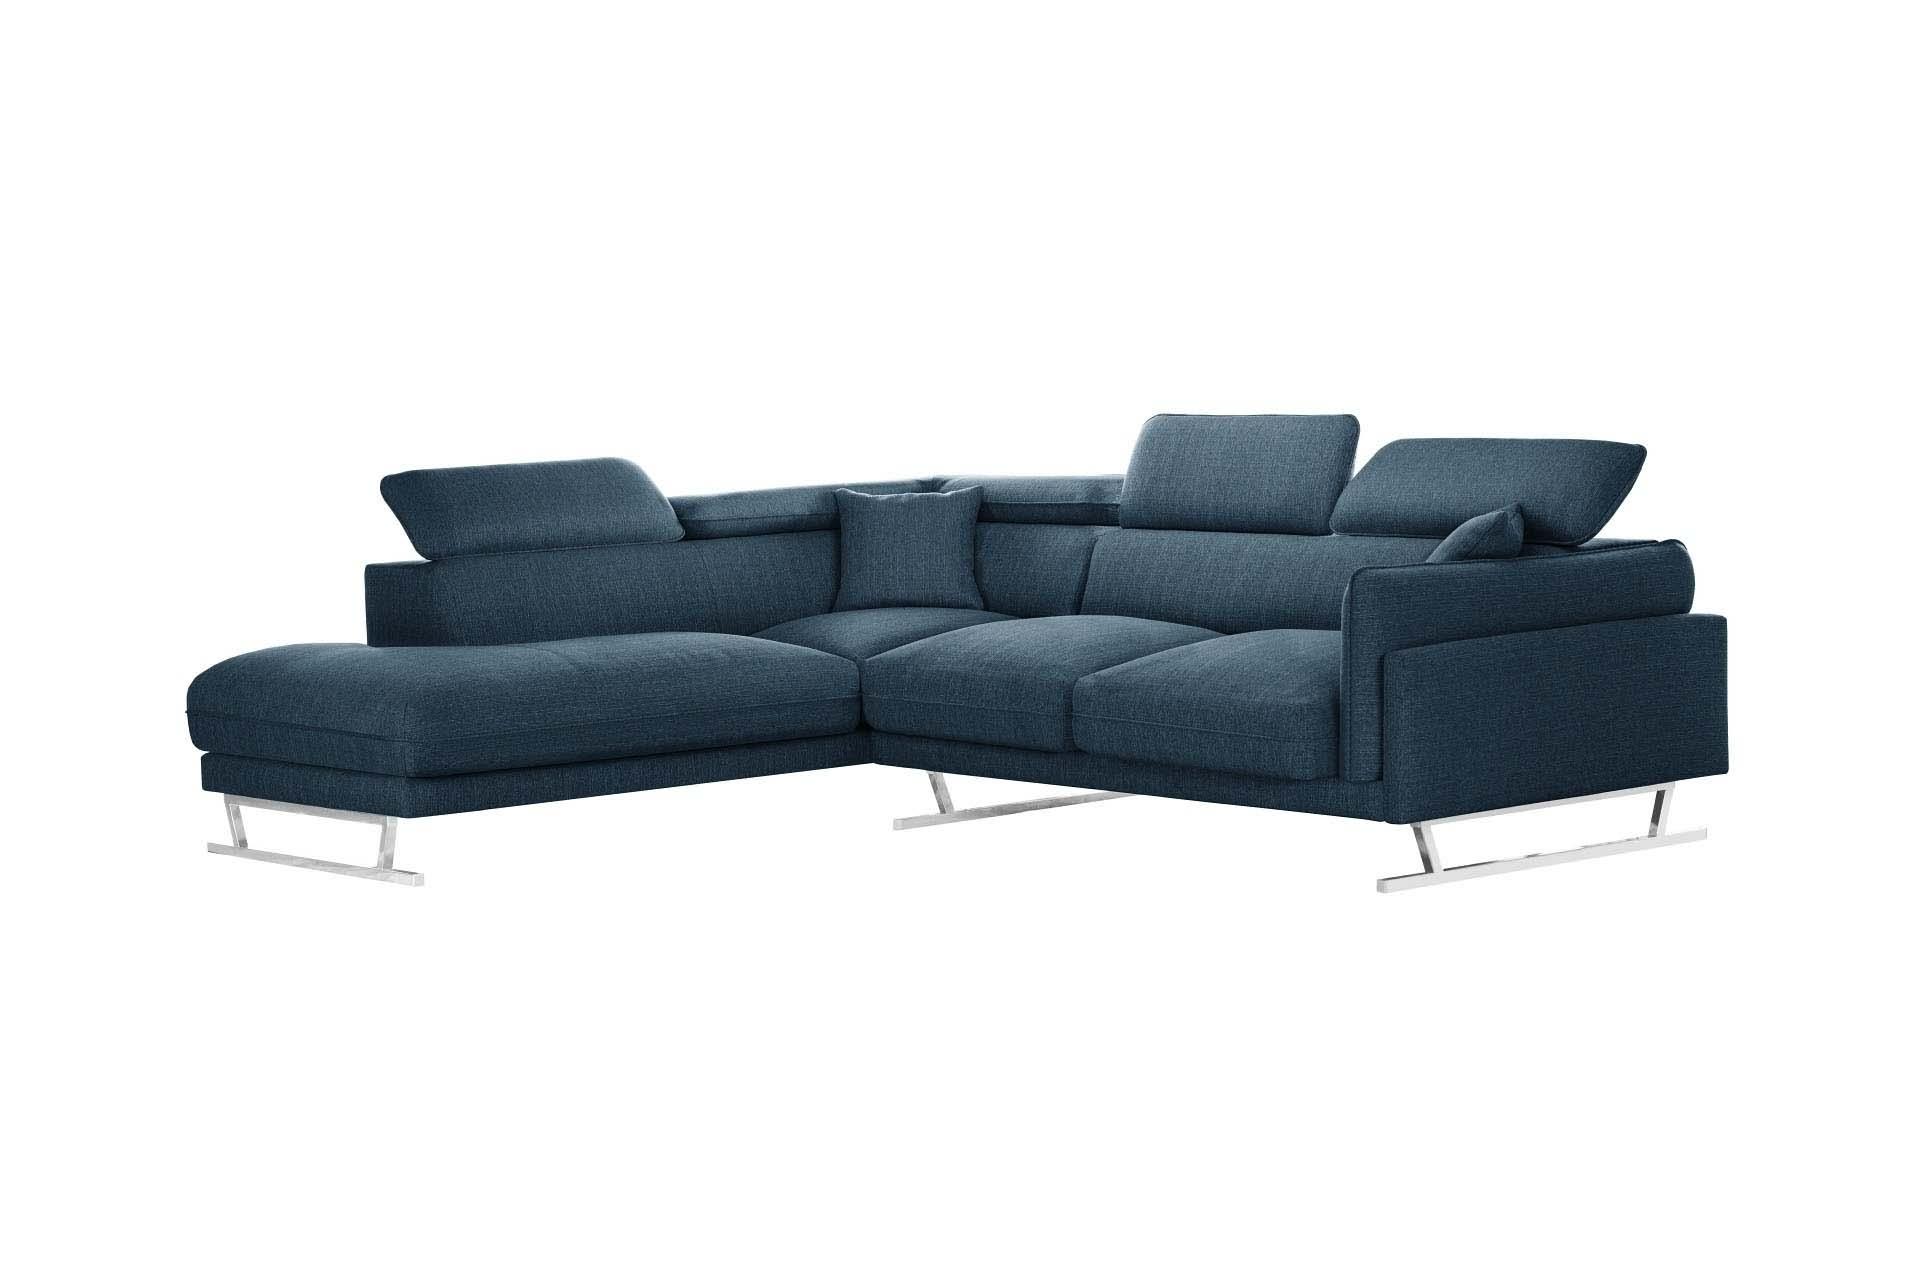 Canapé d'angle gauche 6 places toucher lin bleu jeans